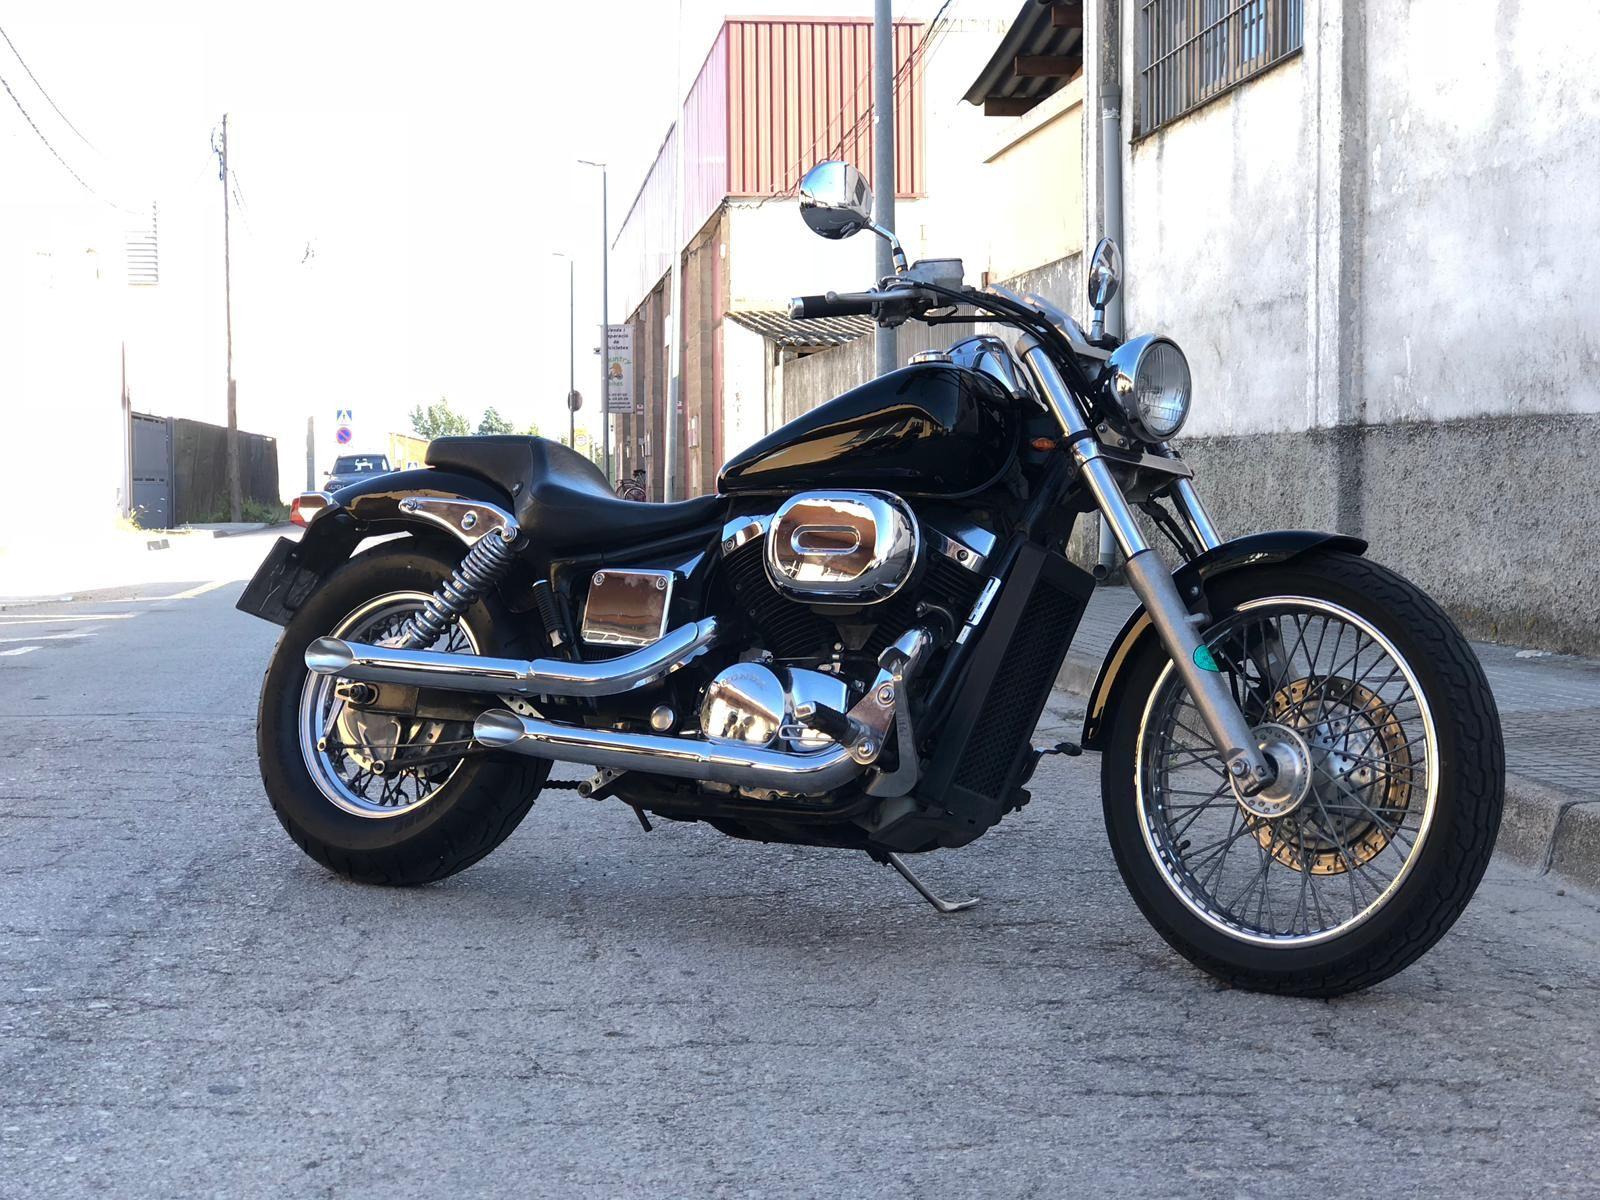 Restauración de motos clásicas Santa Coloma de Farners